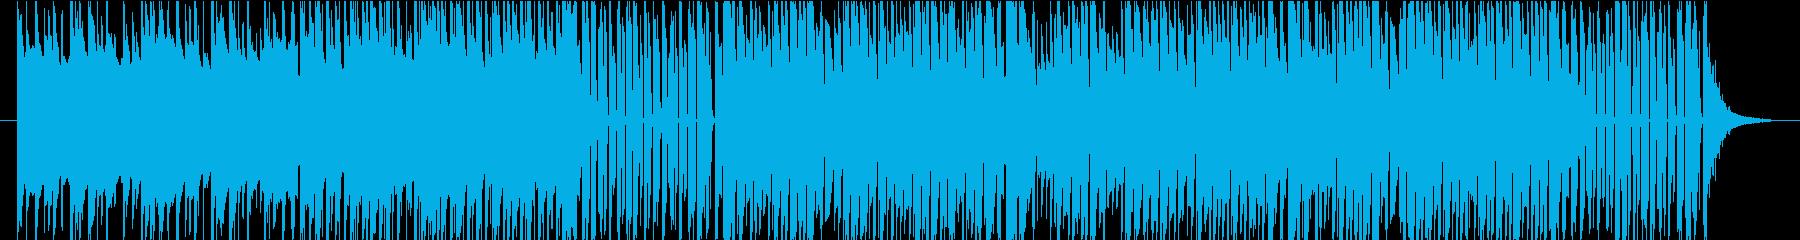 琴とシンセの和風EDMの再生済みの波形